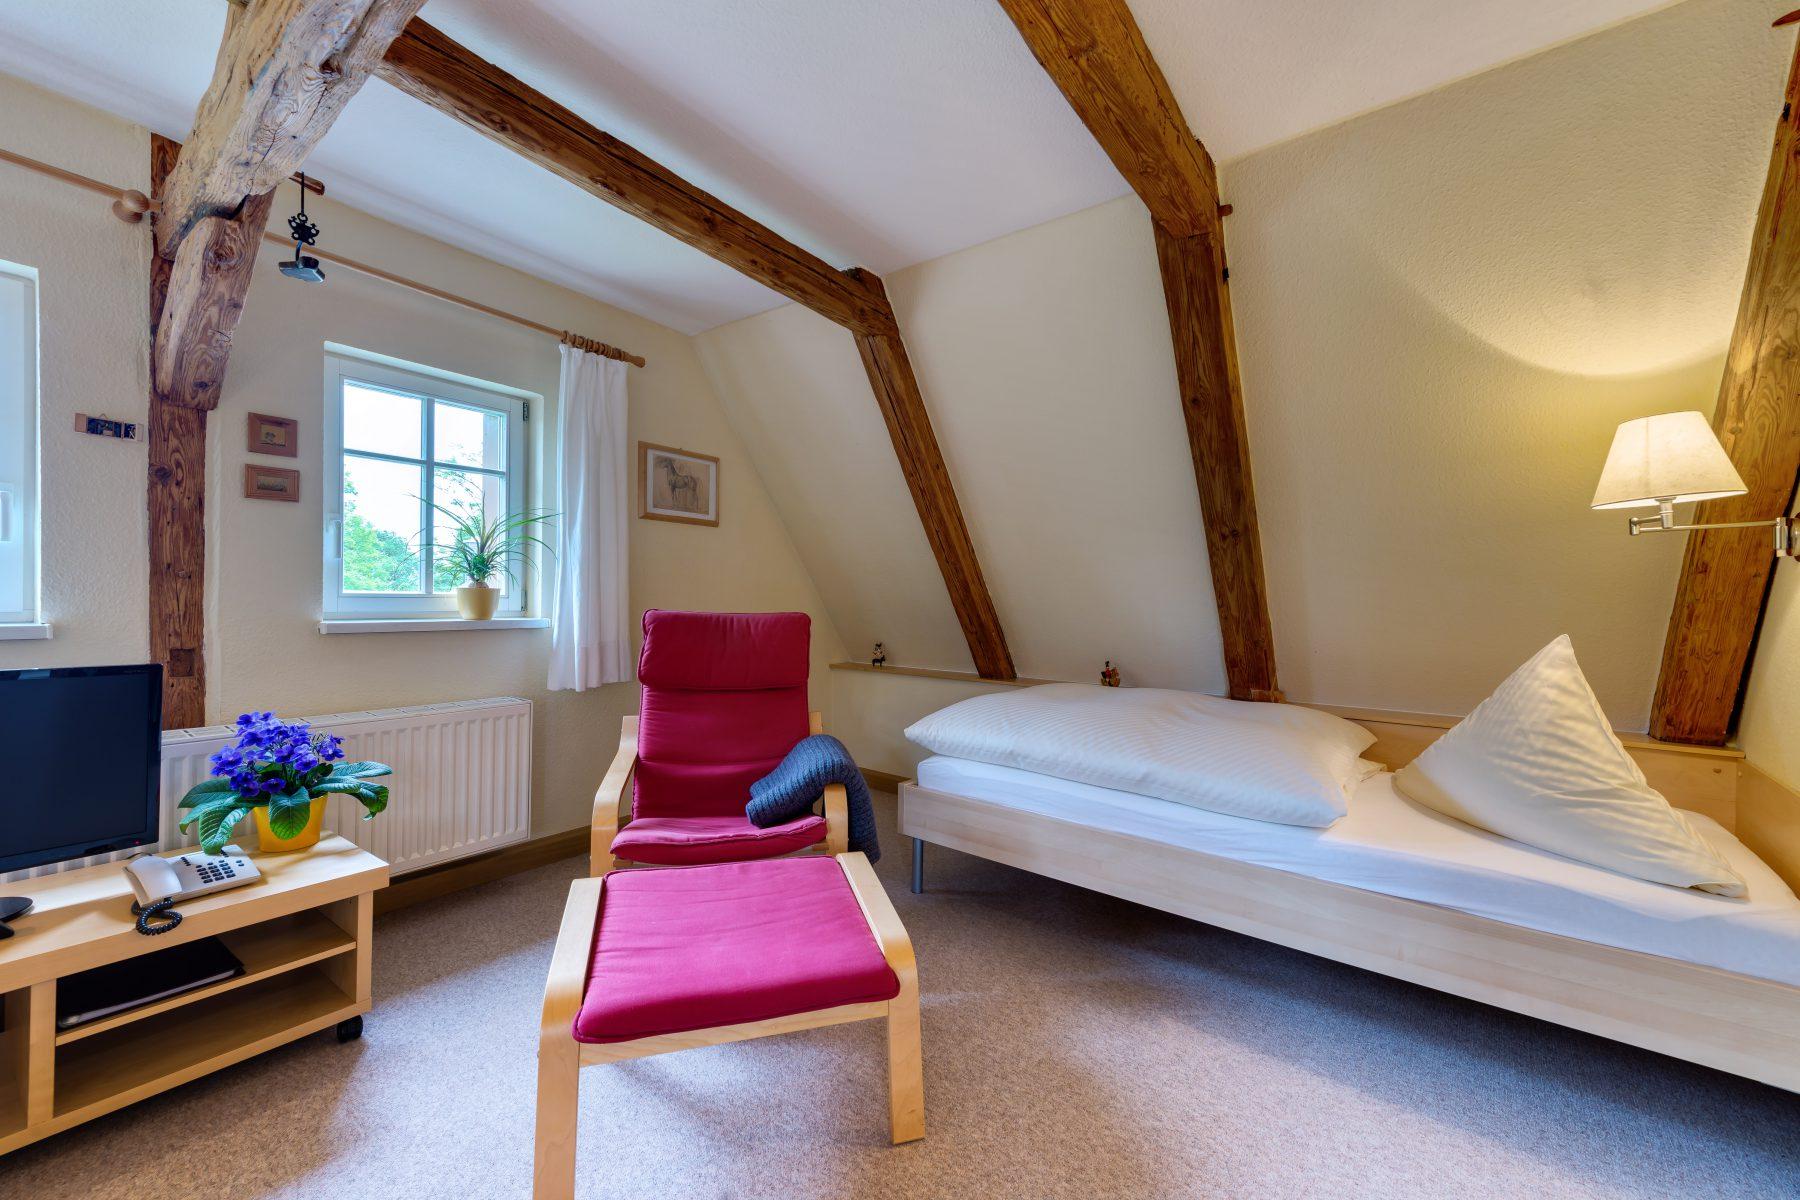 Ferienwohnung im Verlegerhaus Seiffen Kategorie N3b Detail Schlafbereich